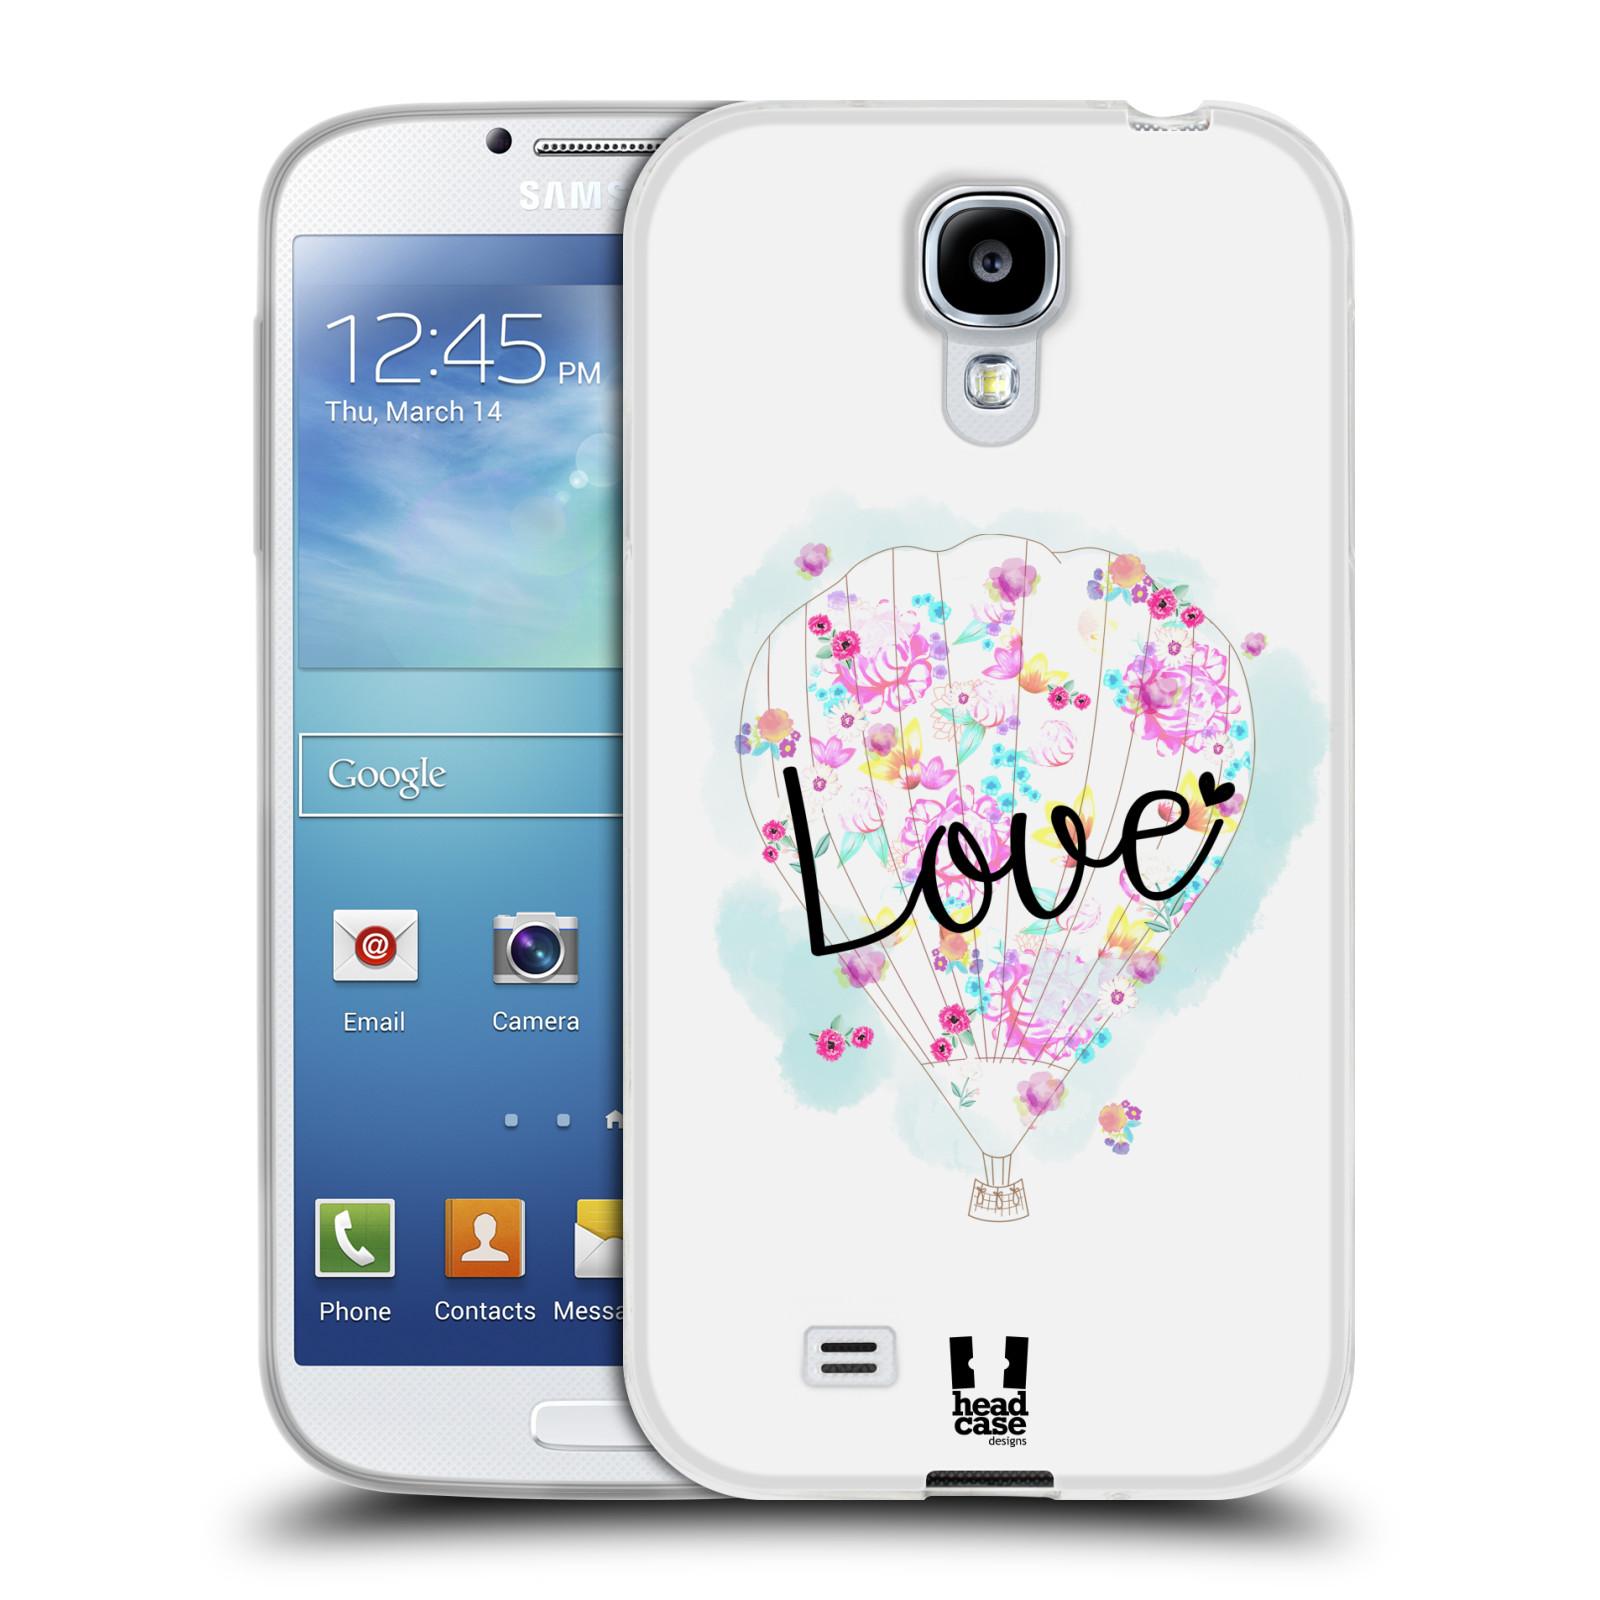 Silikonové pouzdro na mobil Samsung Galaxy S4 HEAD CASE Balón Love (Silikonový kryt či obal na mobilní telefon Samsung Galaxy S4 GT-i9505 / i9500)